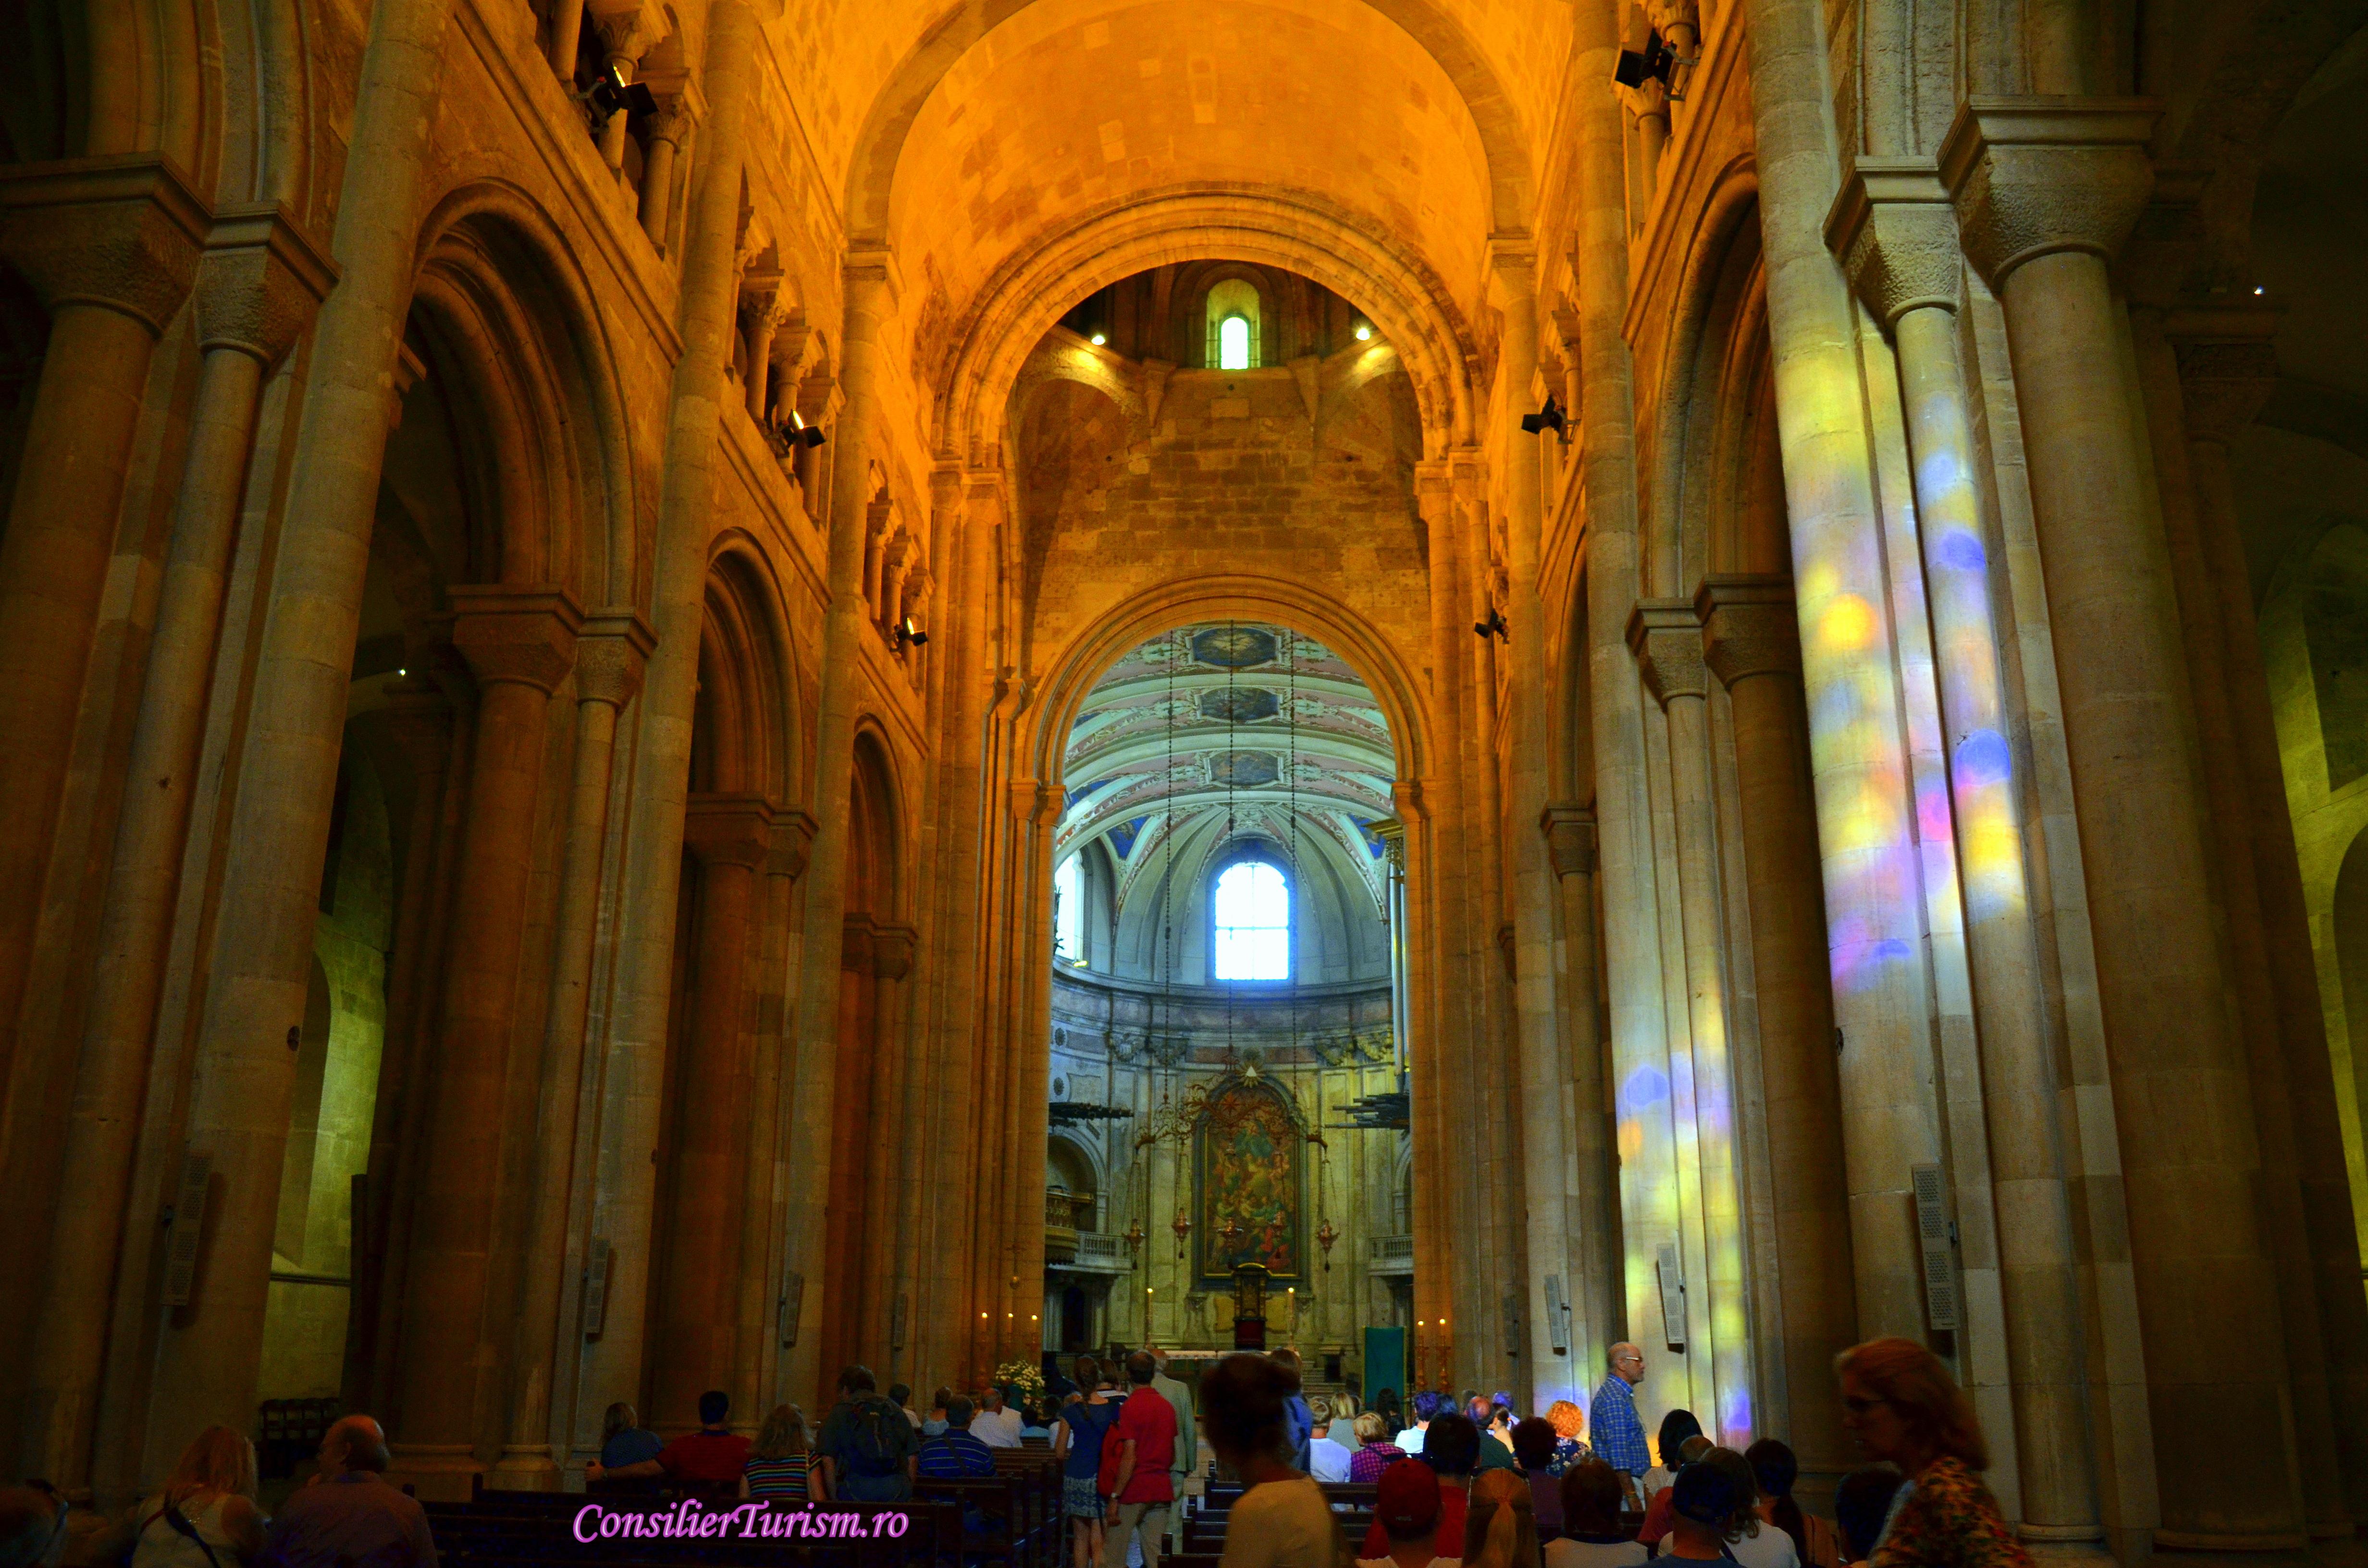 catedrala lisabona interior